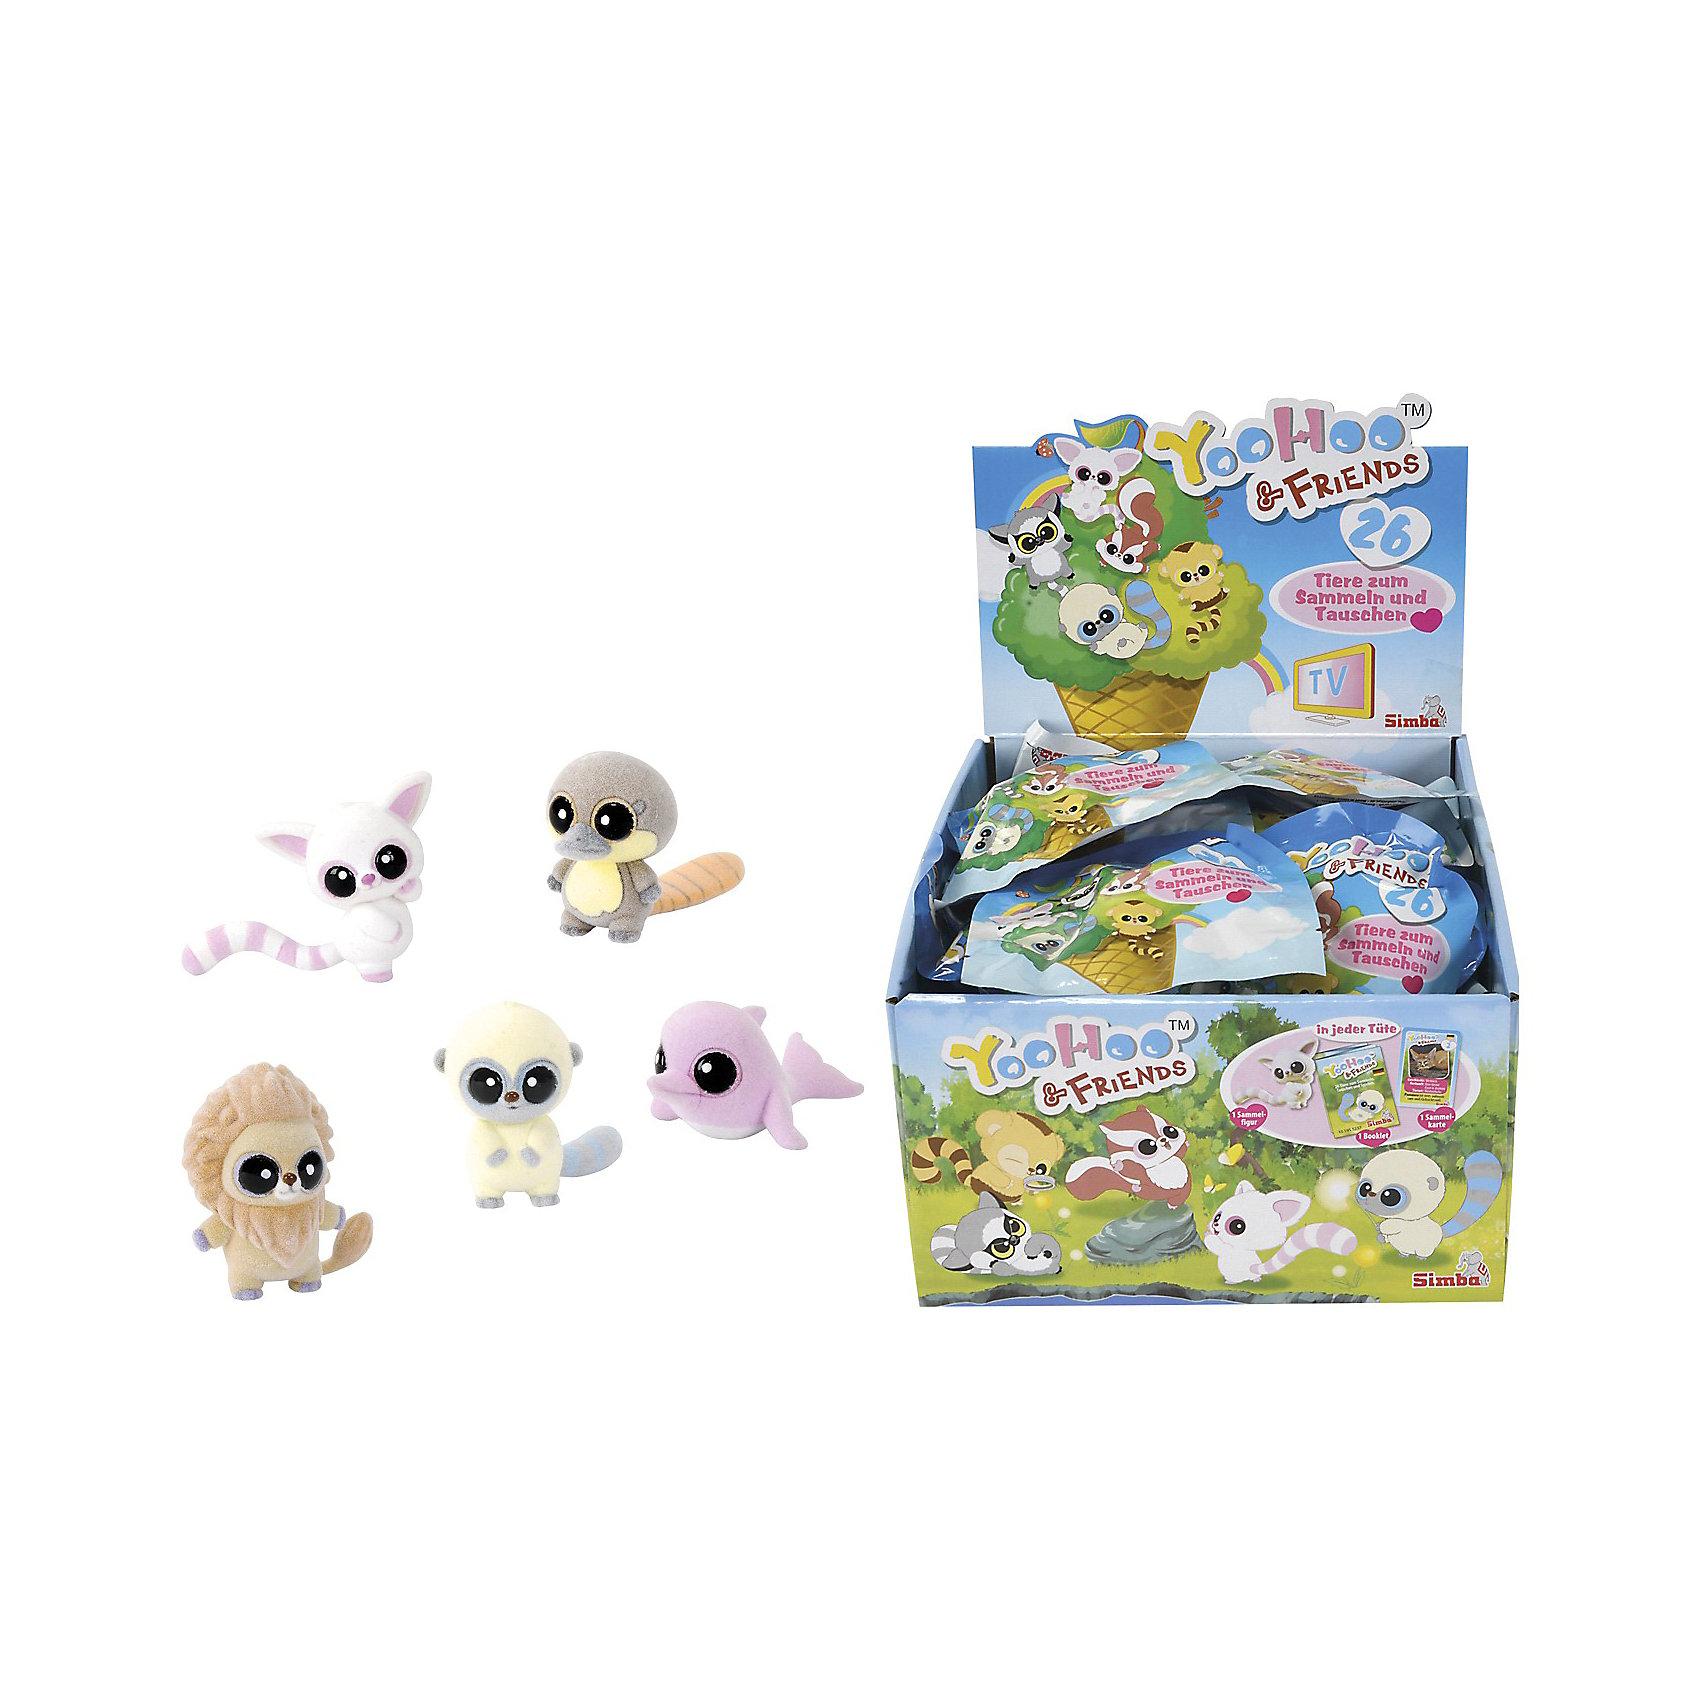 Фигурка, 5см, Юху и друзья, в ассортиментеДобро пожаловать в невероятный мир YooHoo &amp; Friends (Юху и его Друзья), созданный компанией Aurora (Аврора). Это забавная коллекция мягких игрушек с большими глазами и добродушными мордочками. Ребята полюбили их, как героев одноименного мультика: YooHoo &amp; Friends (Юху и его Друзья), где Юху со своими друзьями отправились в путешествие по всему свету, чтобы найти все семена дерева жизни и вернуть их обратно  до восхода новой звезды Авроры. Маленькие друзья столкнутся в своем путешествии со многими трудностями и препятствиями. Чтобы выполнить свою миссию Юху и его друзья должны научиться дружить и помогать друг другу в сложных ситуациях. Тогда с любой задачей, даже с самой сложной,  можно справиться!<br>Симпатичные красочные зверята являются прототипами настоящих животных, которые населяют нашу планету (фенек, примат, красная белка, капуцин, лемур). При этом, некоторые из них относятся к редким видам, стоящим на пороге исчезновения! Вашему малышу очень понравится коллекционировать забавных зверят вместе с YooHoo &amp; Friends (Юху и его Друзья). <br><br>Дополнительная информация:<br><br>- 26 видов фигурок в ассортименте;<br>- изготовлены из материала высокого качества;<br>- могут быть использованы в качестве декора;<br>- зверята - герои любимого мультика;<br>- размер: 5 см;<br>- в комплекте 1 фигурка, карточка и буклет;<br><br>ВНИМАНИЕ! Данный артикул имеется в наличии в виде разных персонажей. К сожалению, заранее выбрать определенный персонаж не возможно.<br><br>Поселите у себя дома симпатичного зверька.<br><br>Фигурки YooHoo &amp; Friends (Юху и его Друзья) в ассортименте 5 см, Вы можете купить в нашем интернет-магазине.<br><br>Ширина мм: 100<br>Глубина мм: 250<br>Высота мм: 400<br>Вес г: 320<br>Возраст от месяцев: 36<br>Возраст до месяцев: 120<br>Пол: Унисекс<br>Возраст: Детский<br>SKU: 3533035